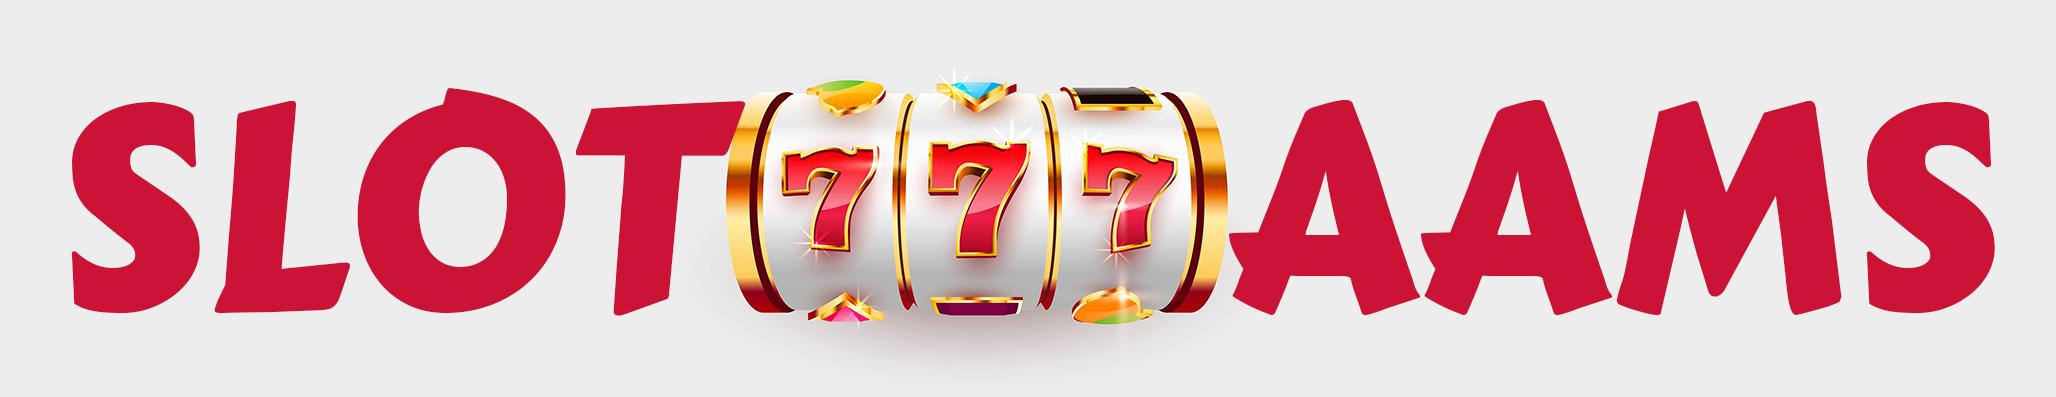 Slot aams logo